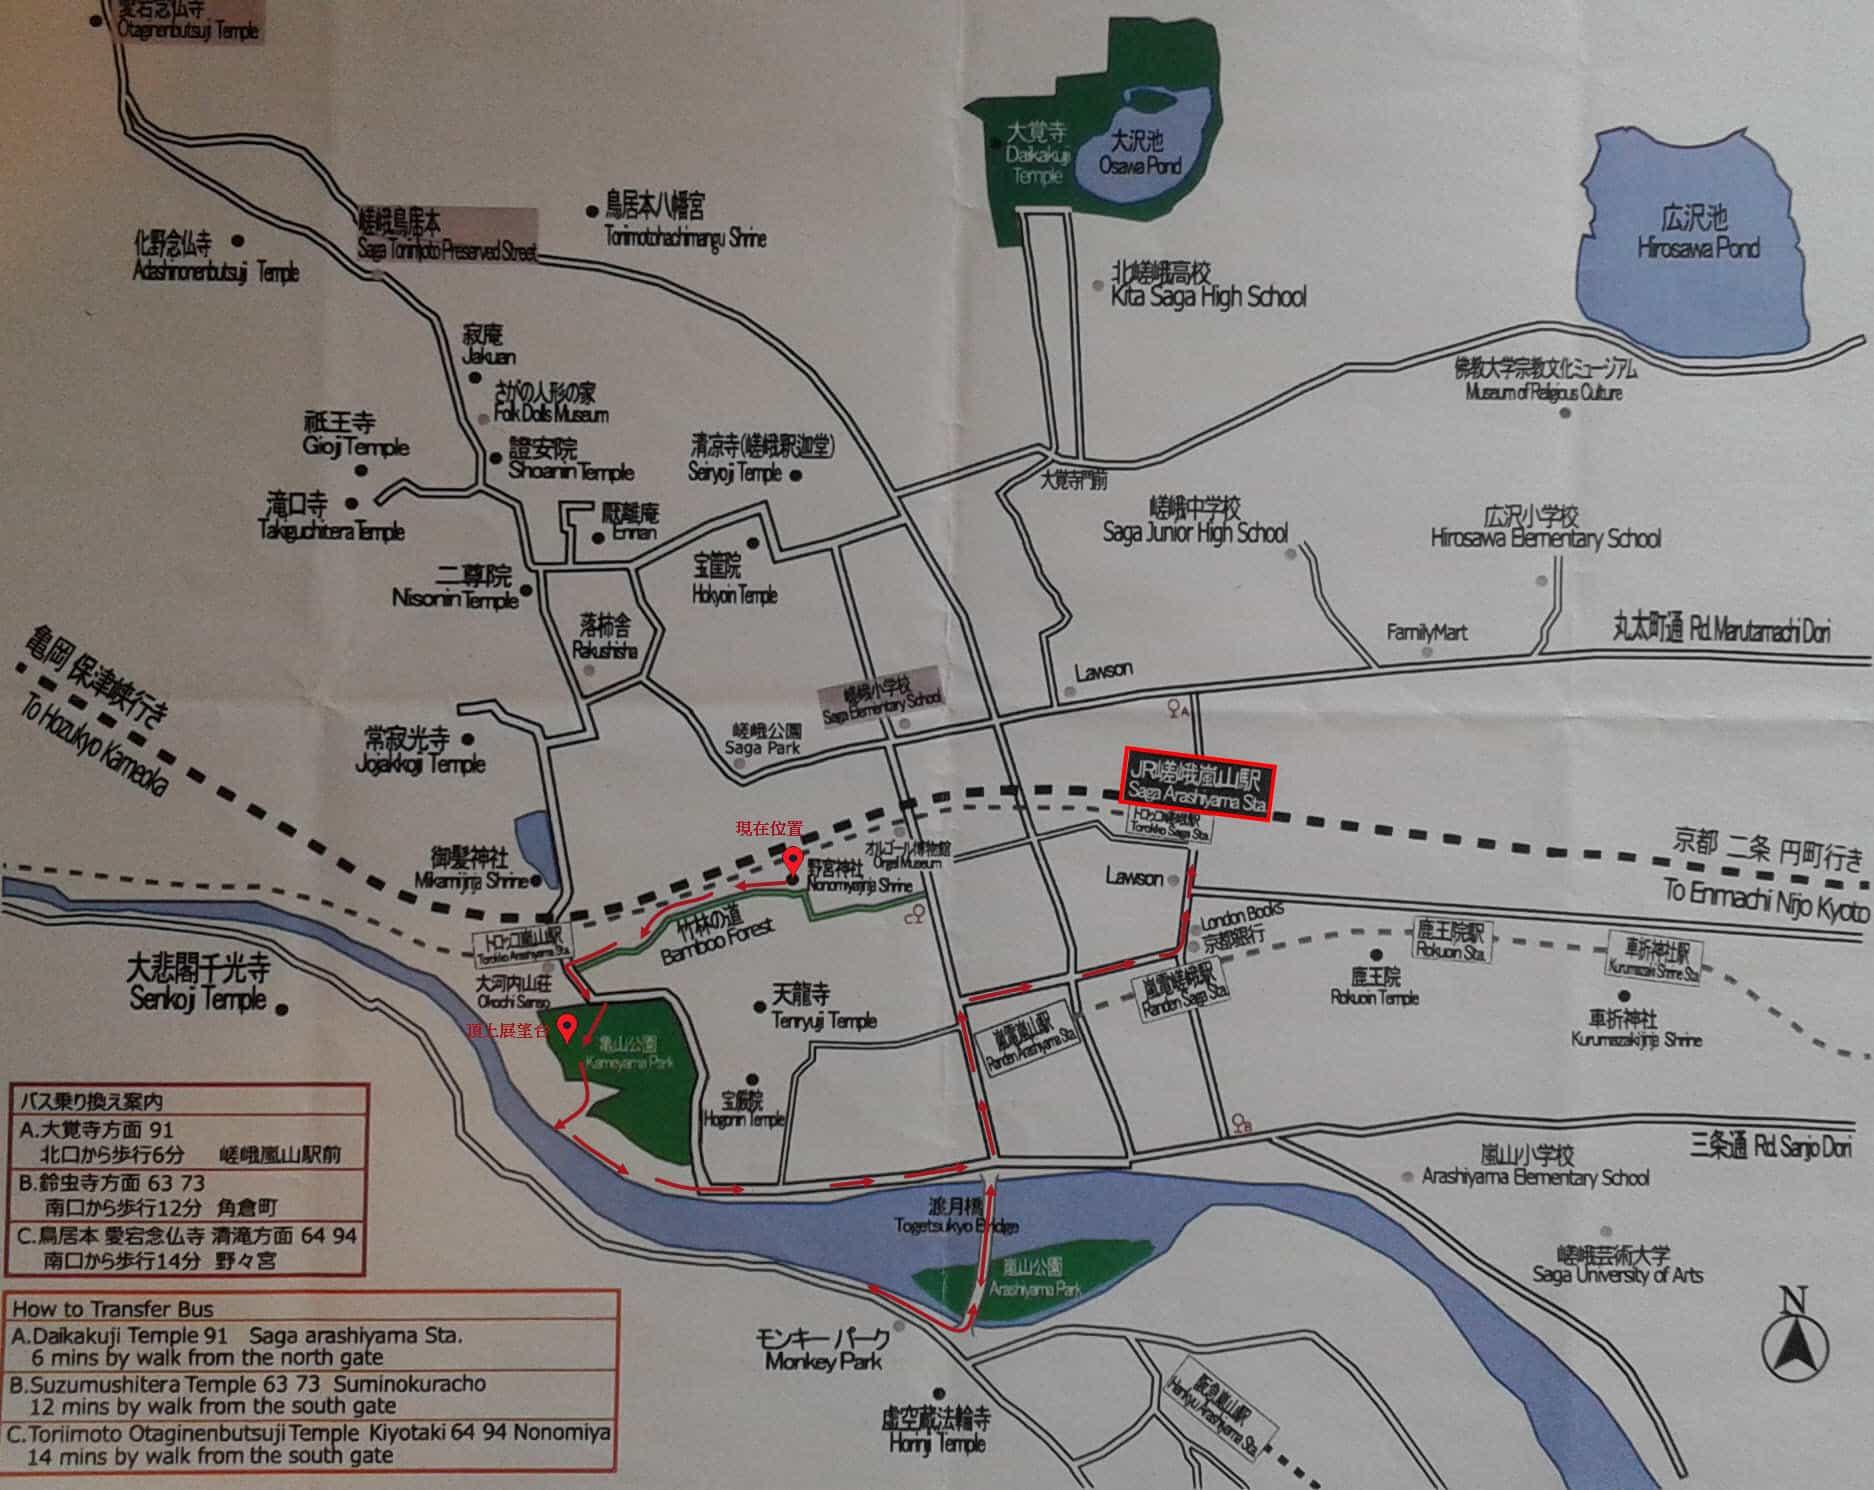 京都嵐山遊覽路線圖